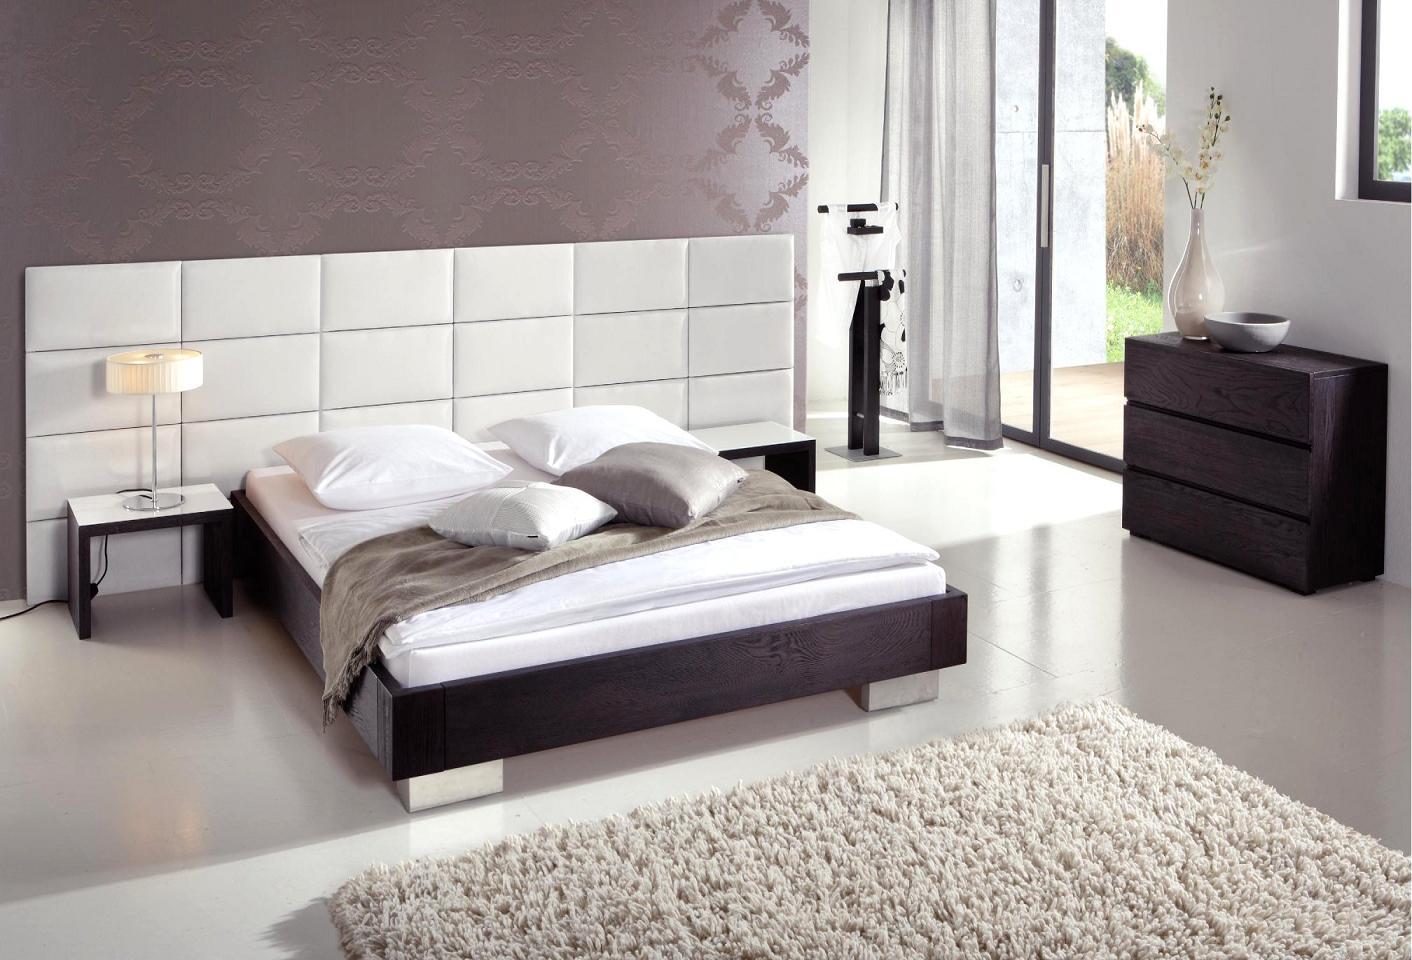 Schlafzimmer massivholz eiche kleiderschr nke 150 breit kashmir bettdecken schlafzimmer creme - Schlafzimmer massivholz modern ...